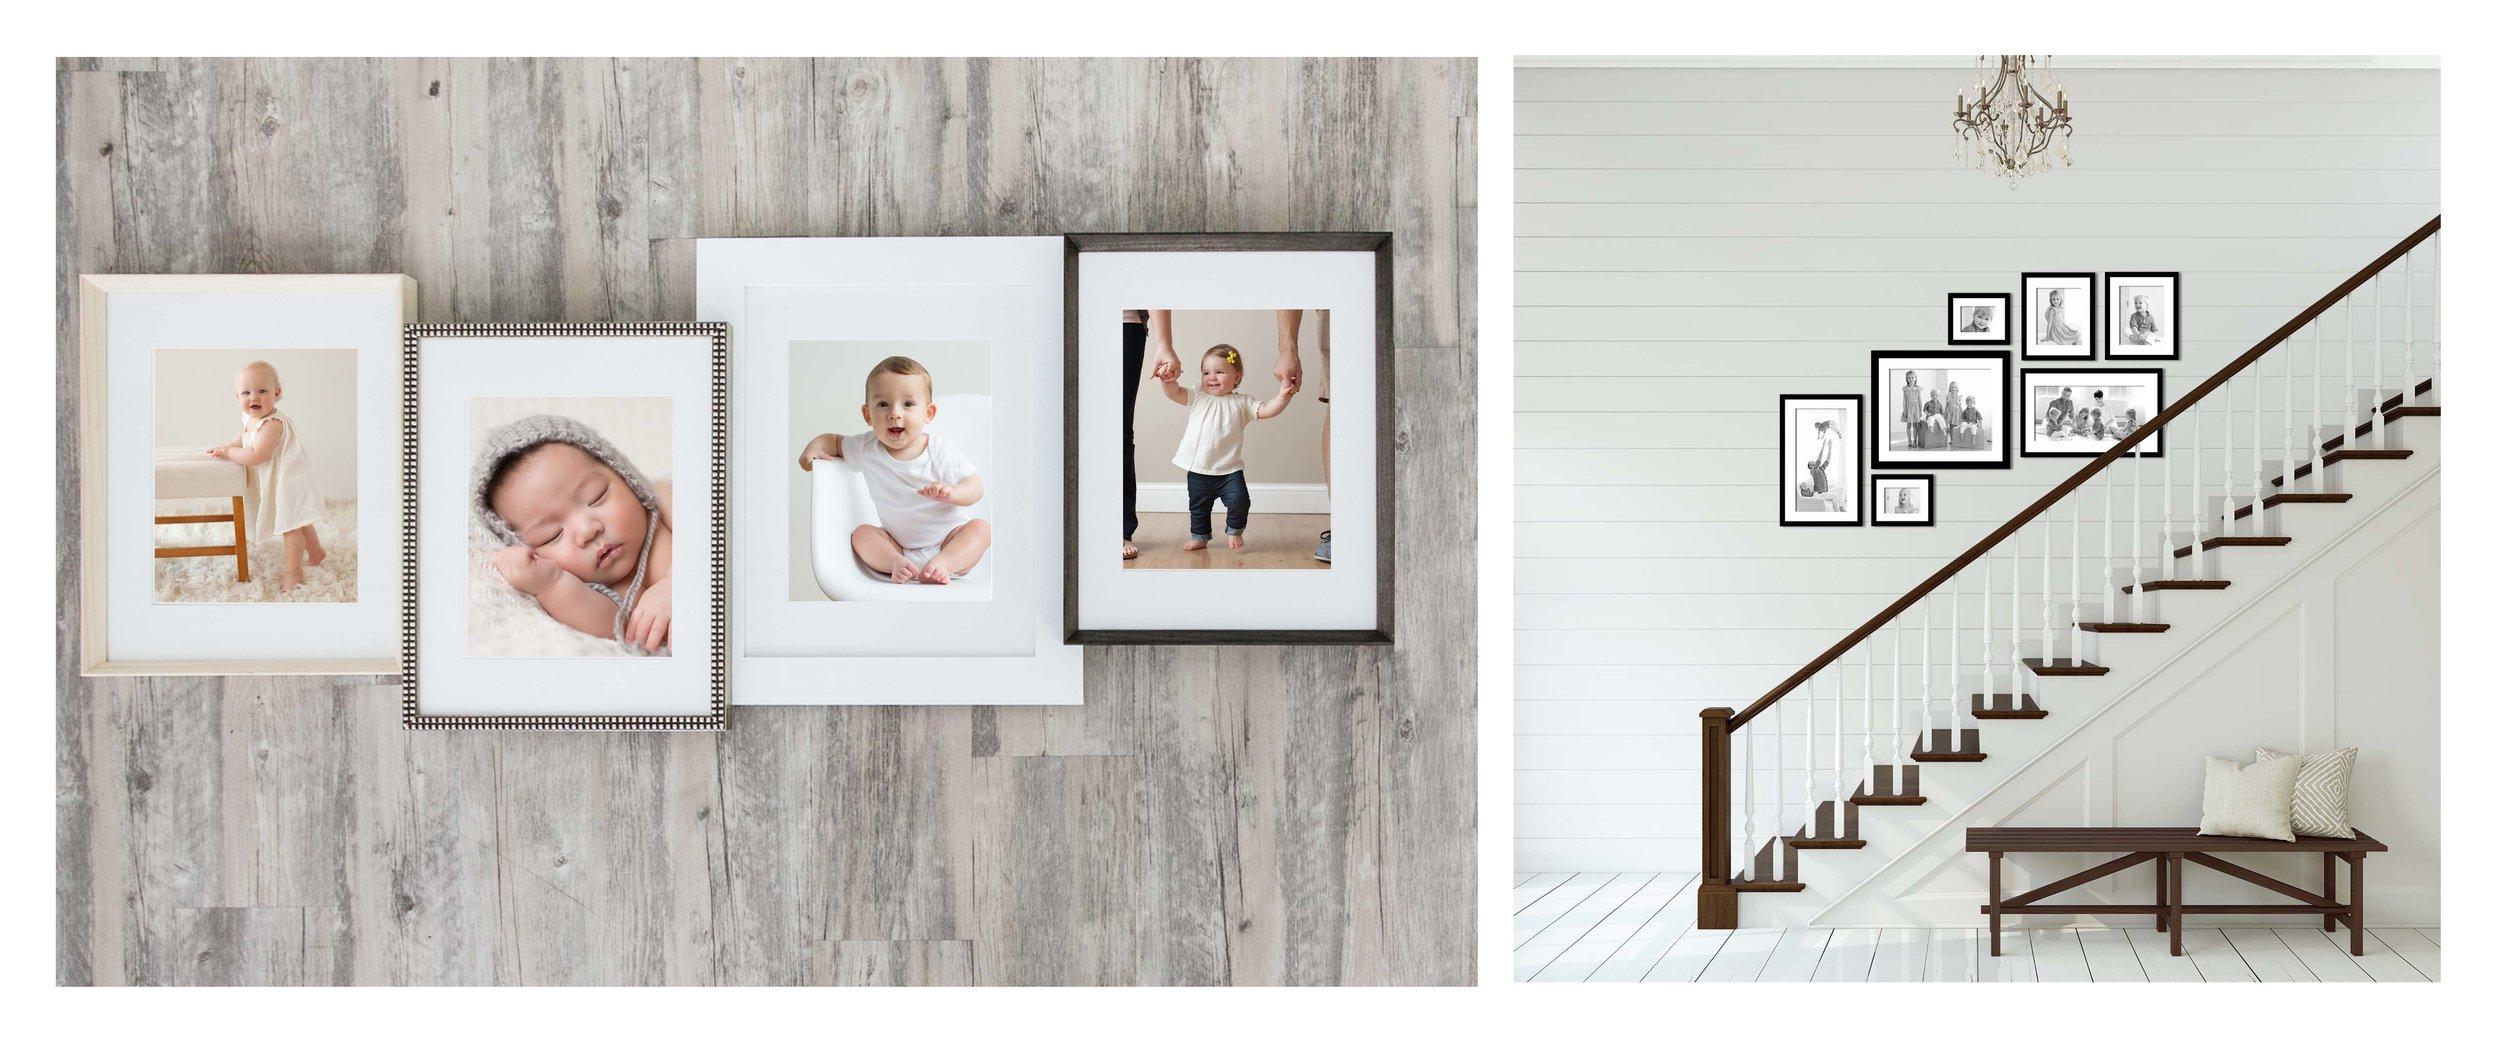 Designer-frames.jpg